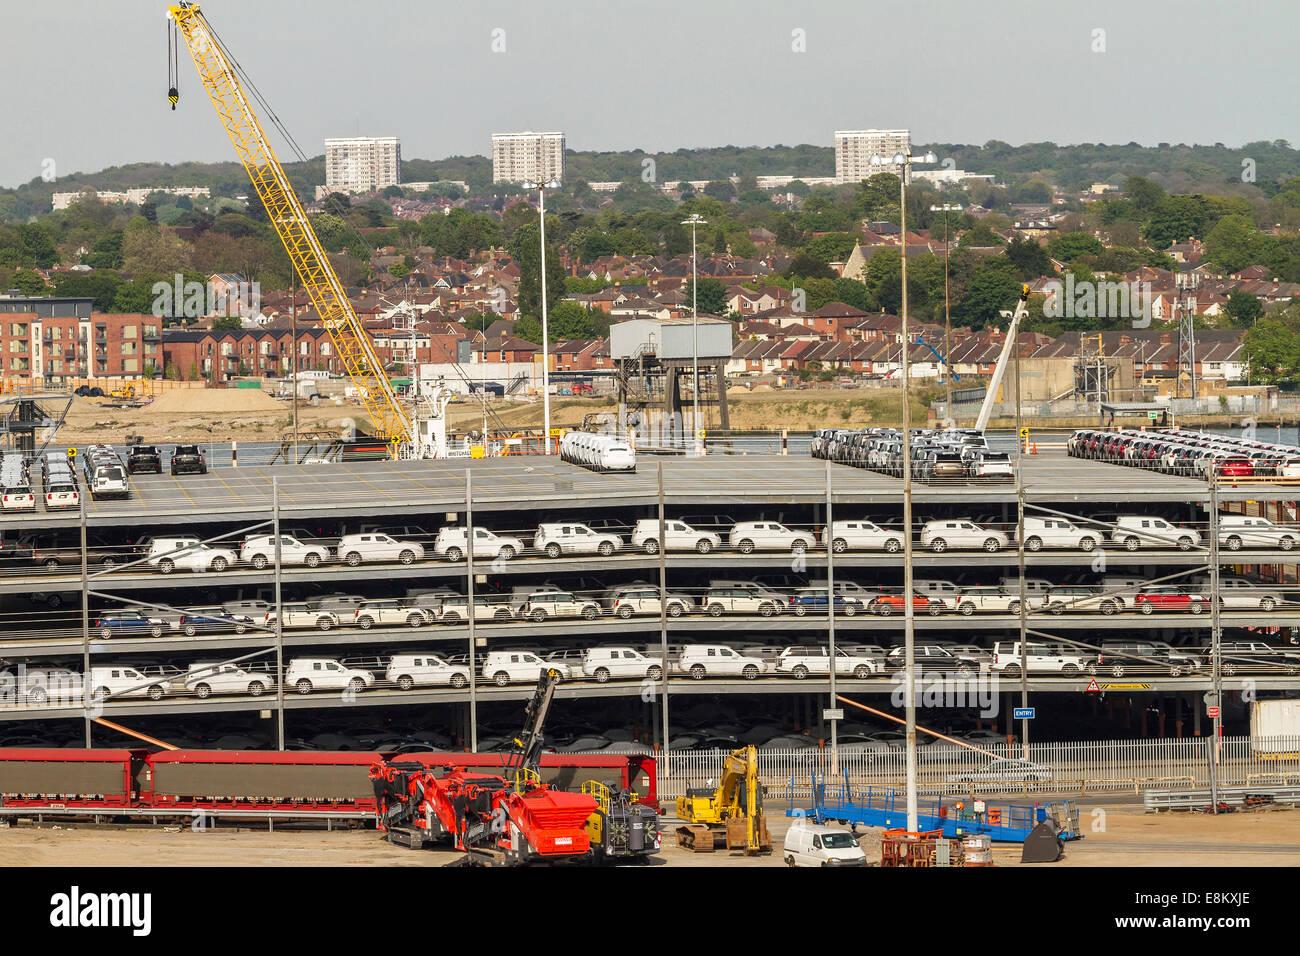 Car Imports Southampton Docks UK - Stock Image